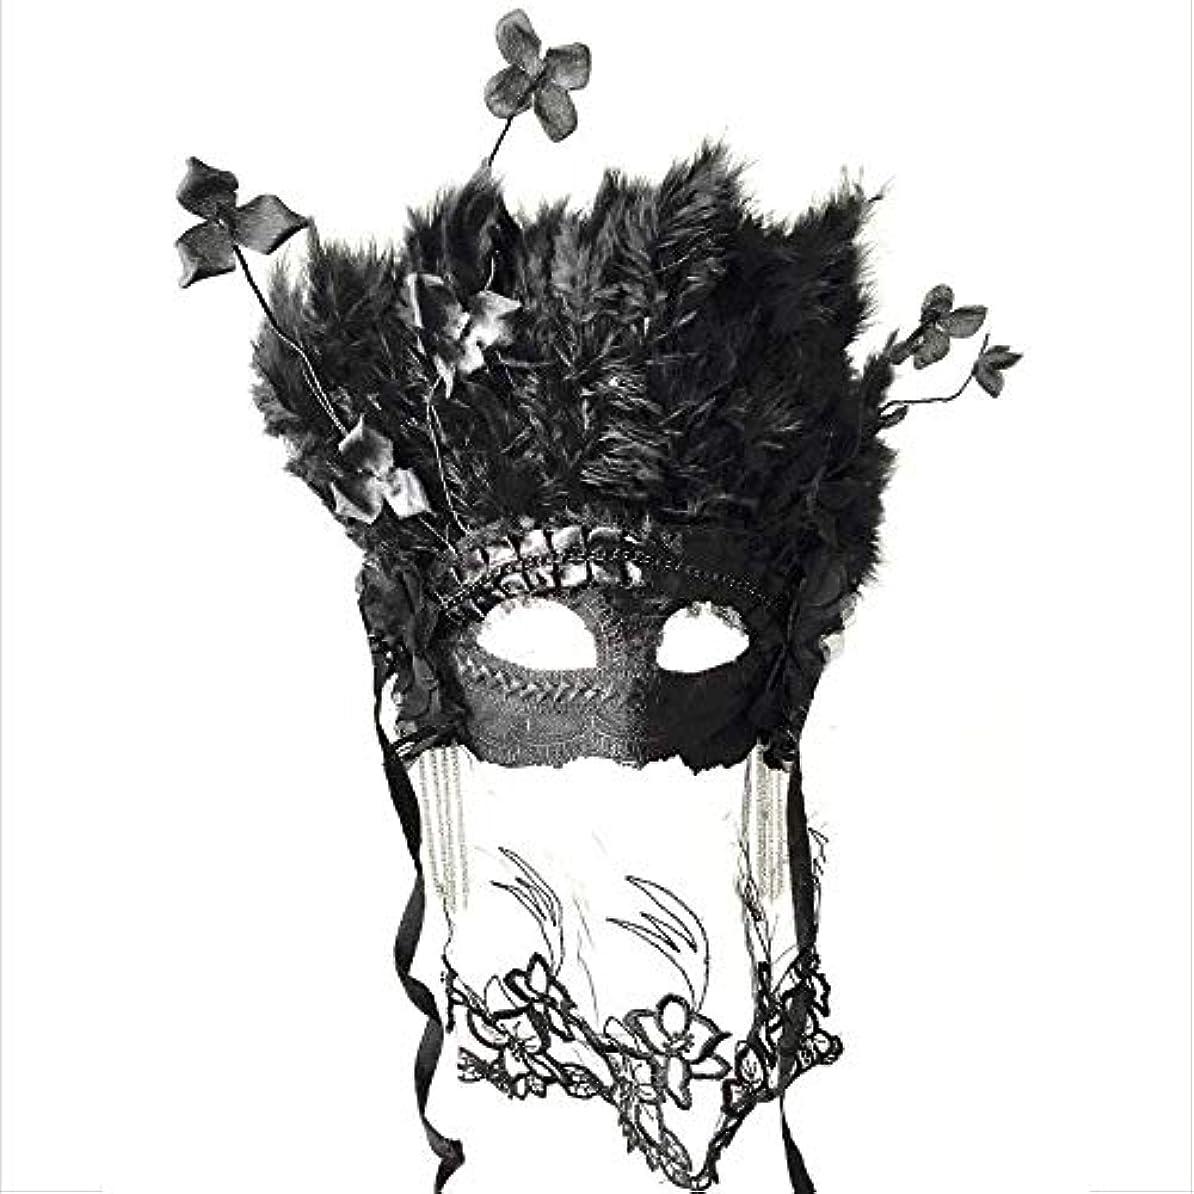 無視できるエントリ一部Nanle ハロウィンクリスマスベールドライフラワーフェザータッセルマスク仮装マスクレディミスプリンセス美容祭パーティーデコレーションマスク